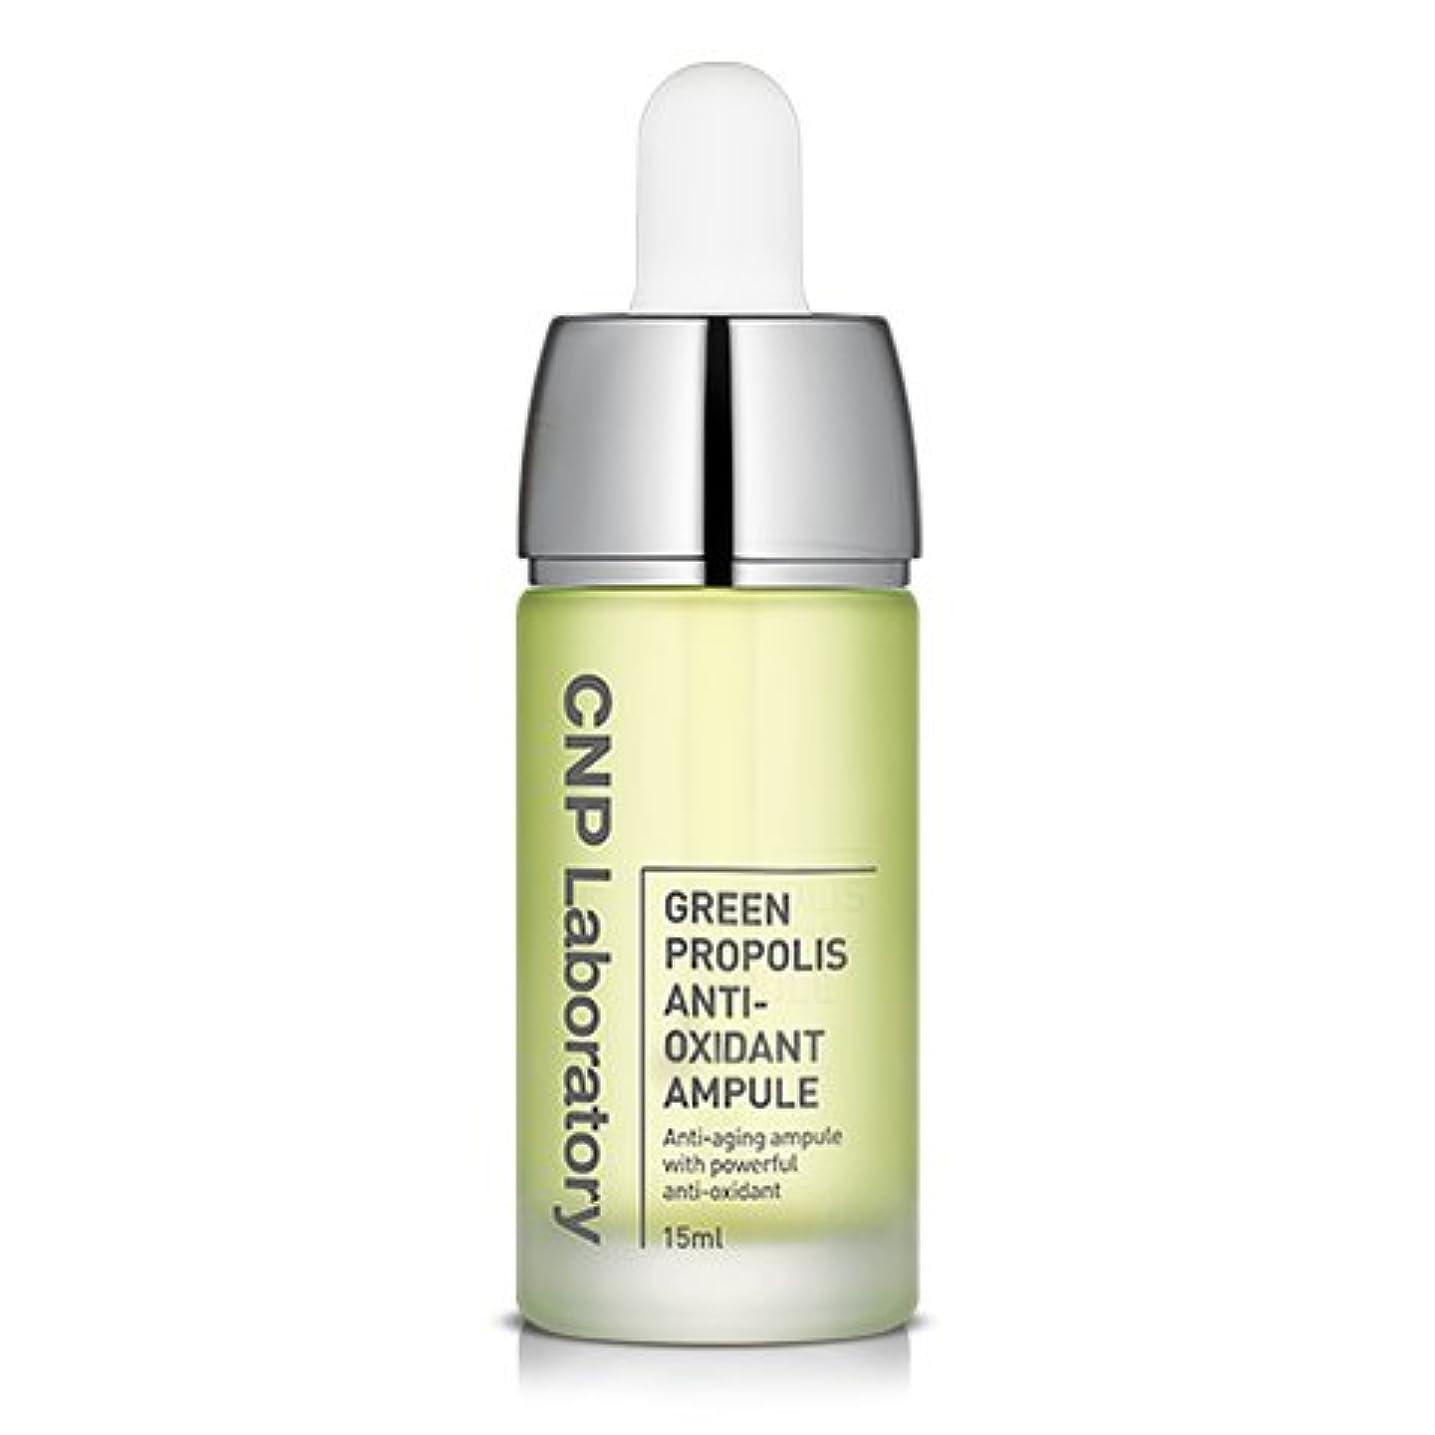 作曲家突き刺す台無しにCNP Laboratory グリーンプロポリス酸化防止剤アンプル/Green Propolis Anti-Oxidant Ampule 15ml [並行輸入品]